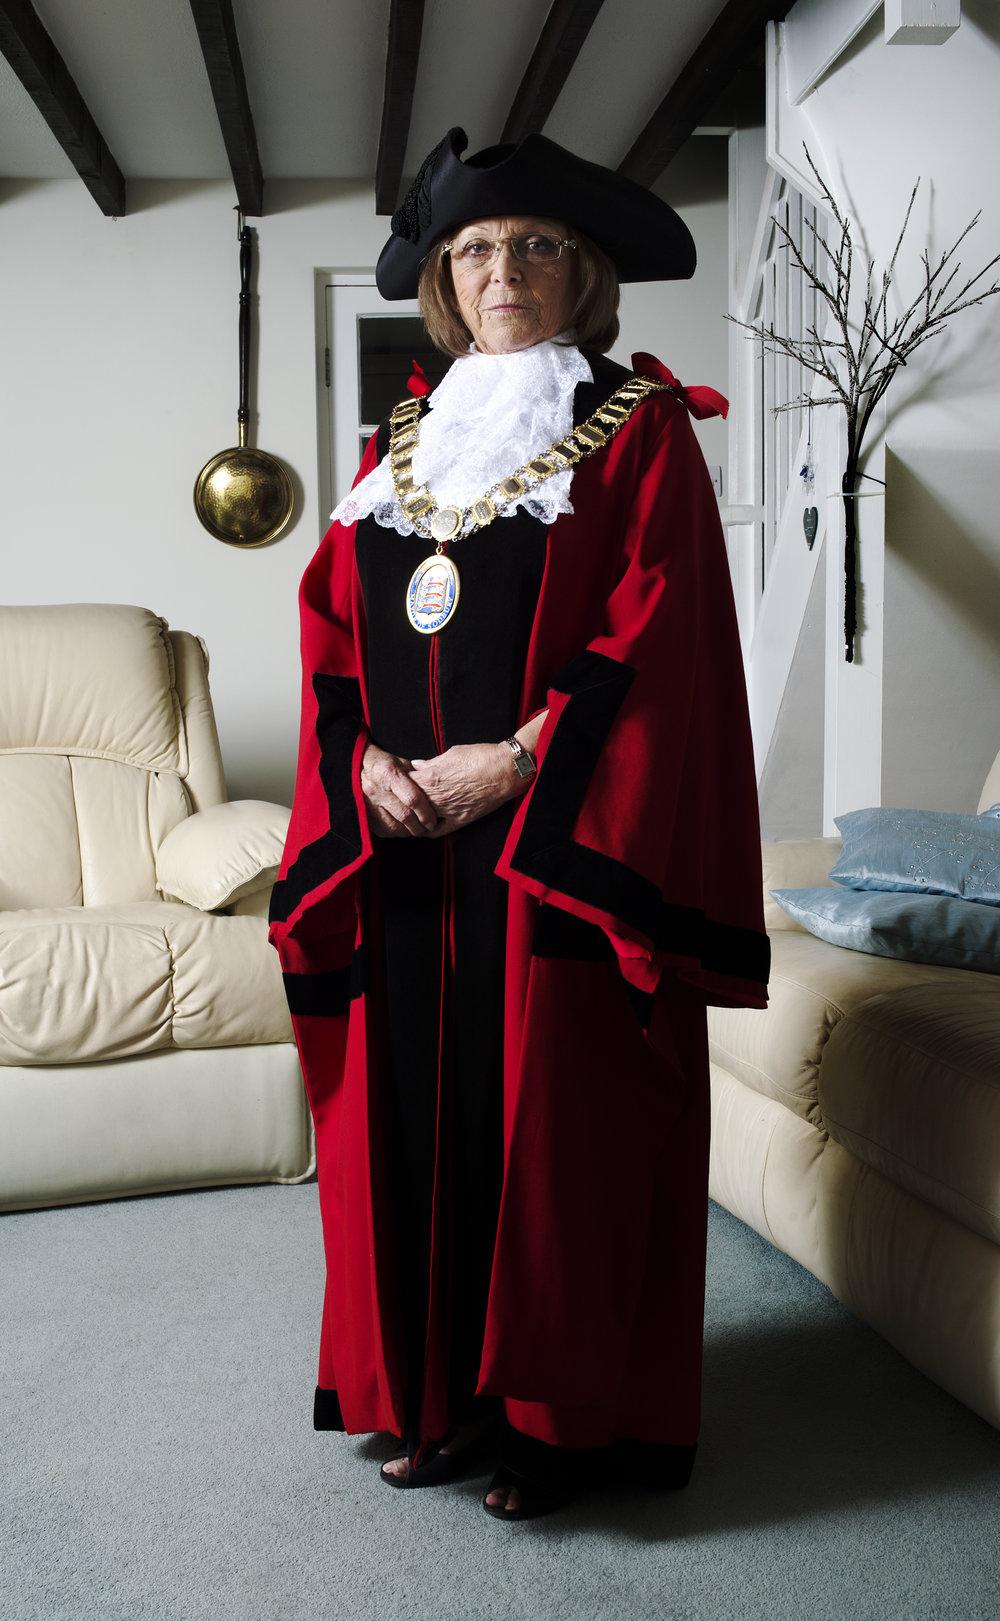 Mayor in Lounge.jpg